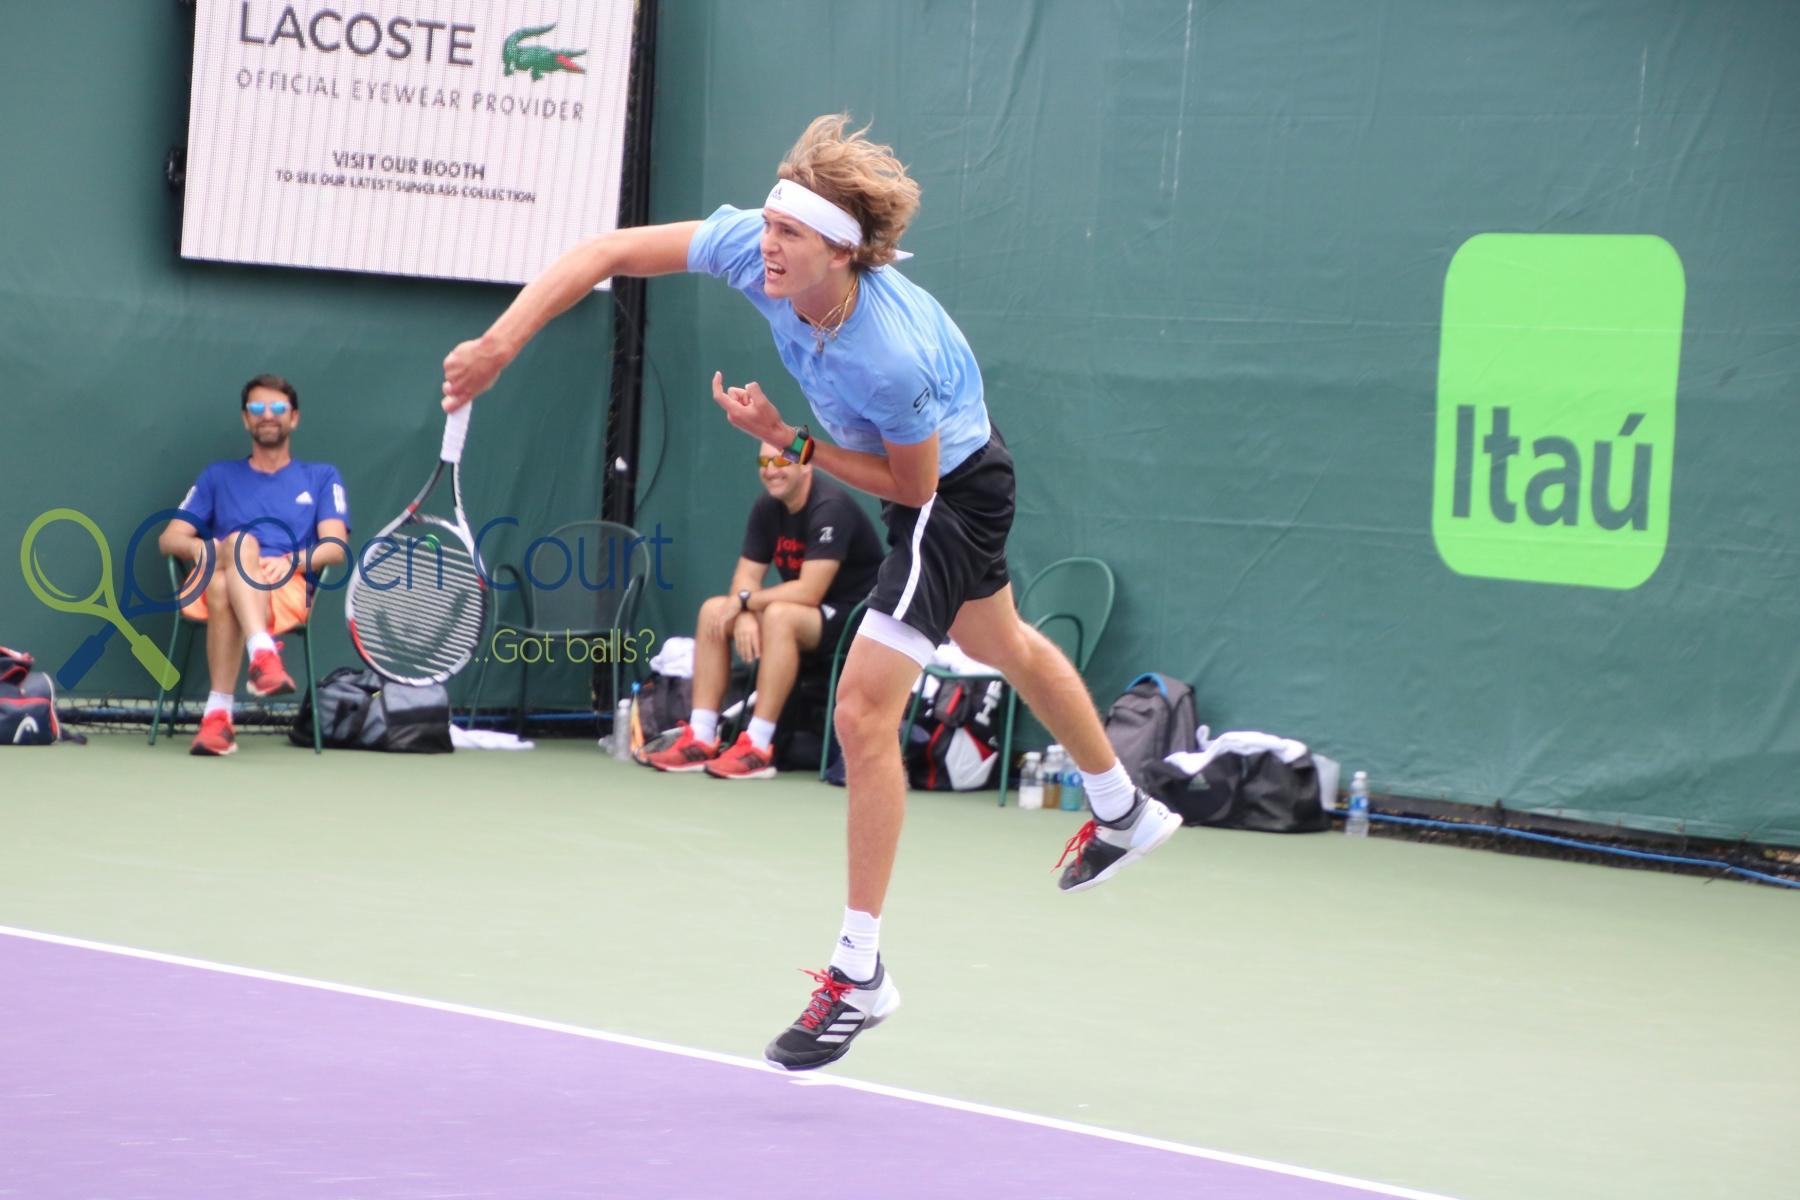 Djokovic-Zverev-practice-Miami18375_new